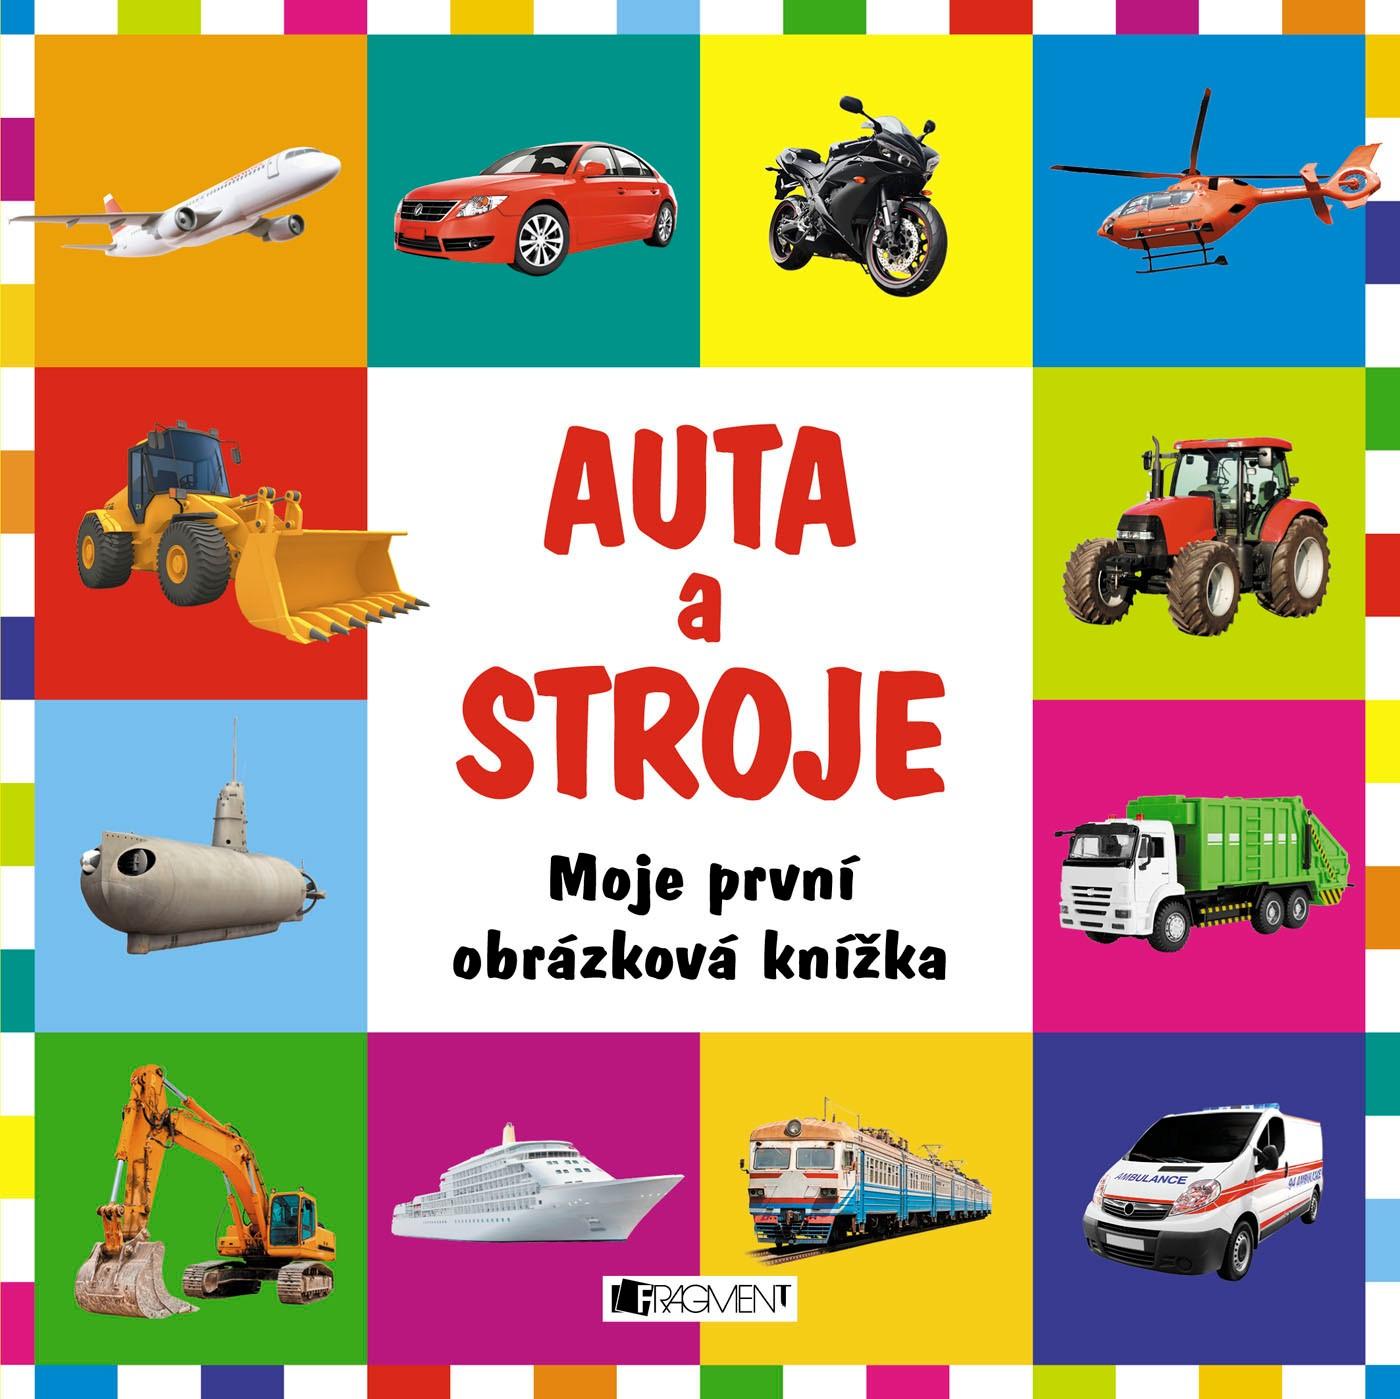 Moje první obrázková knížka – Auta a stroje